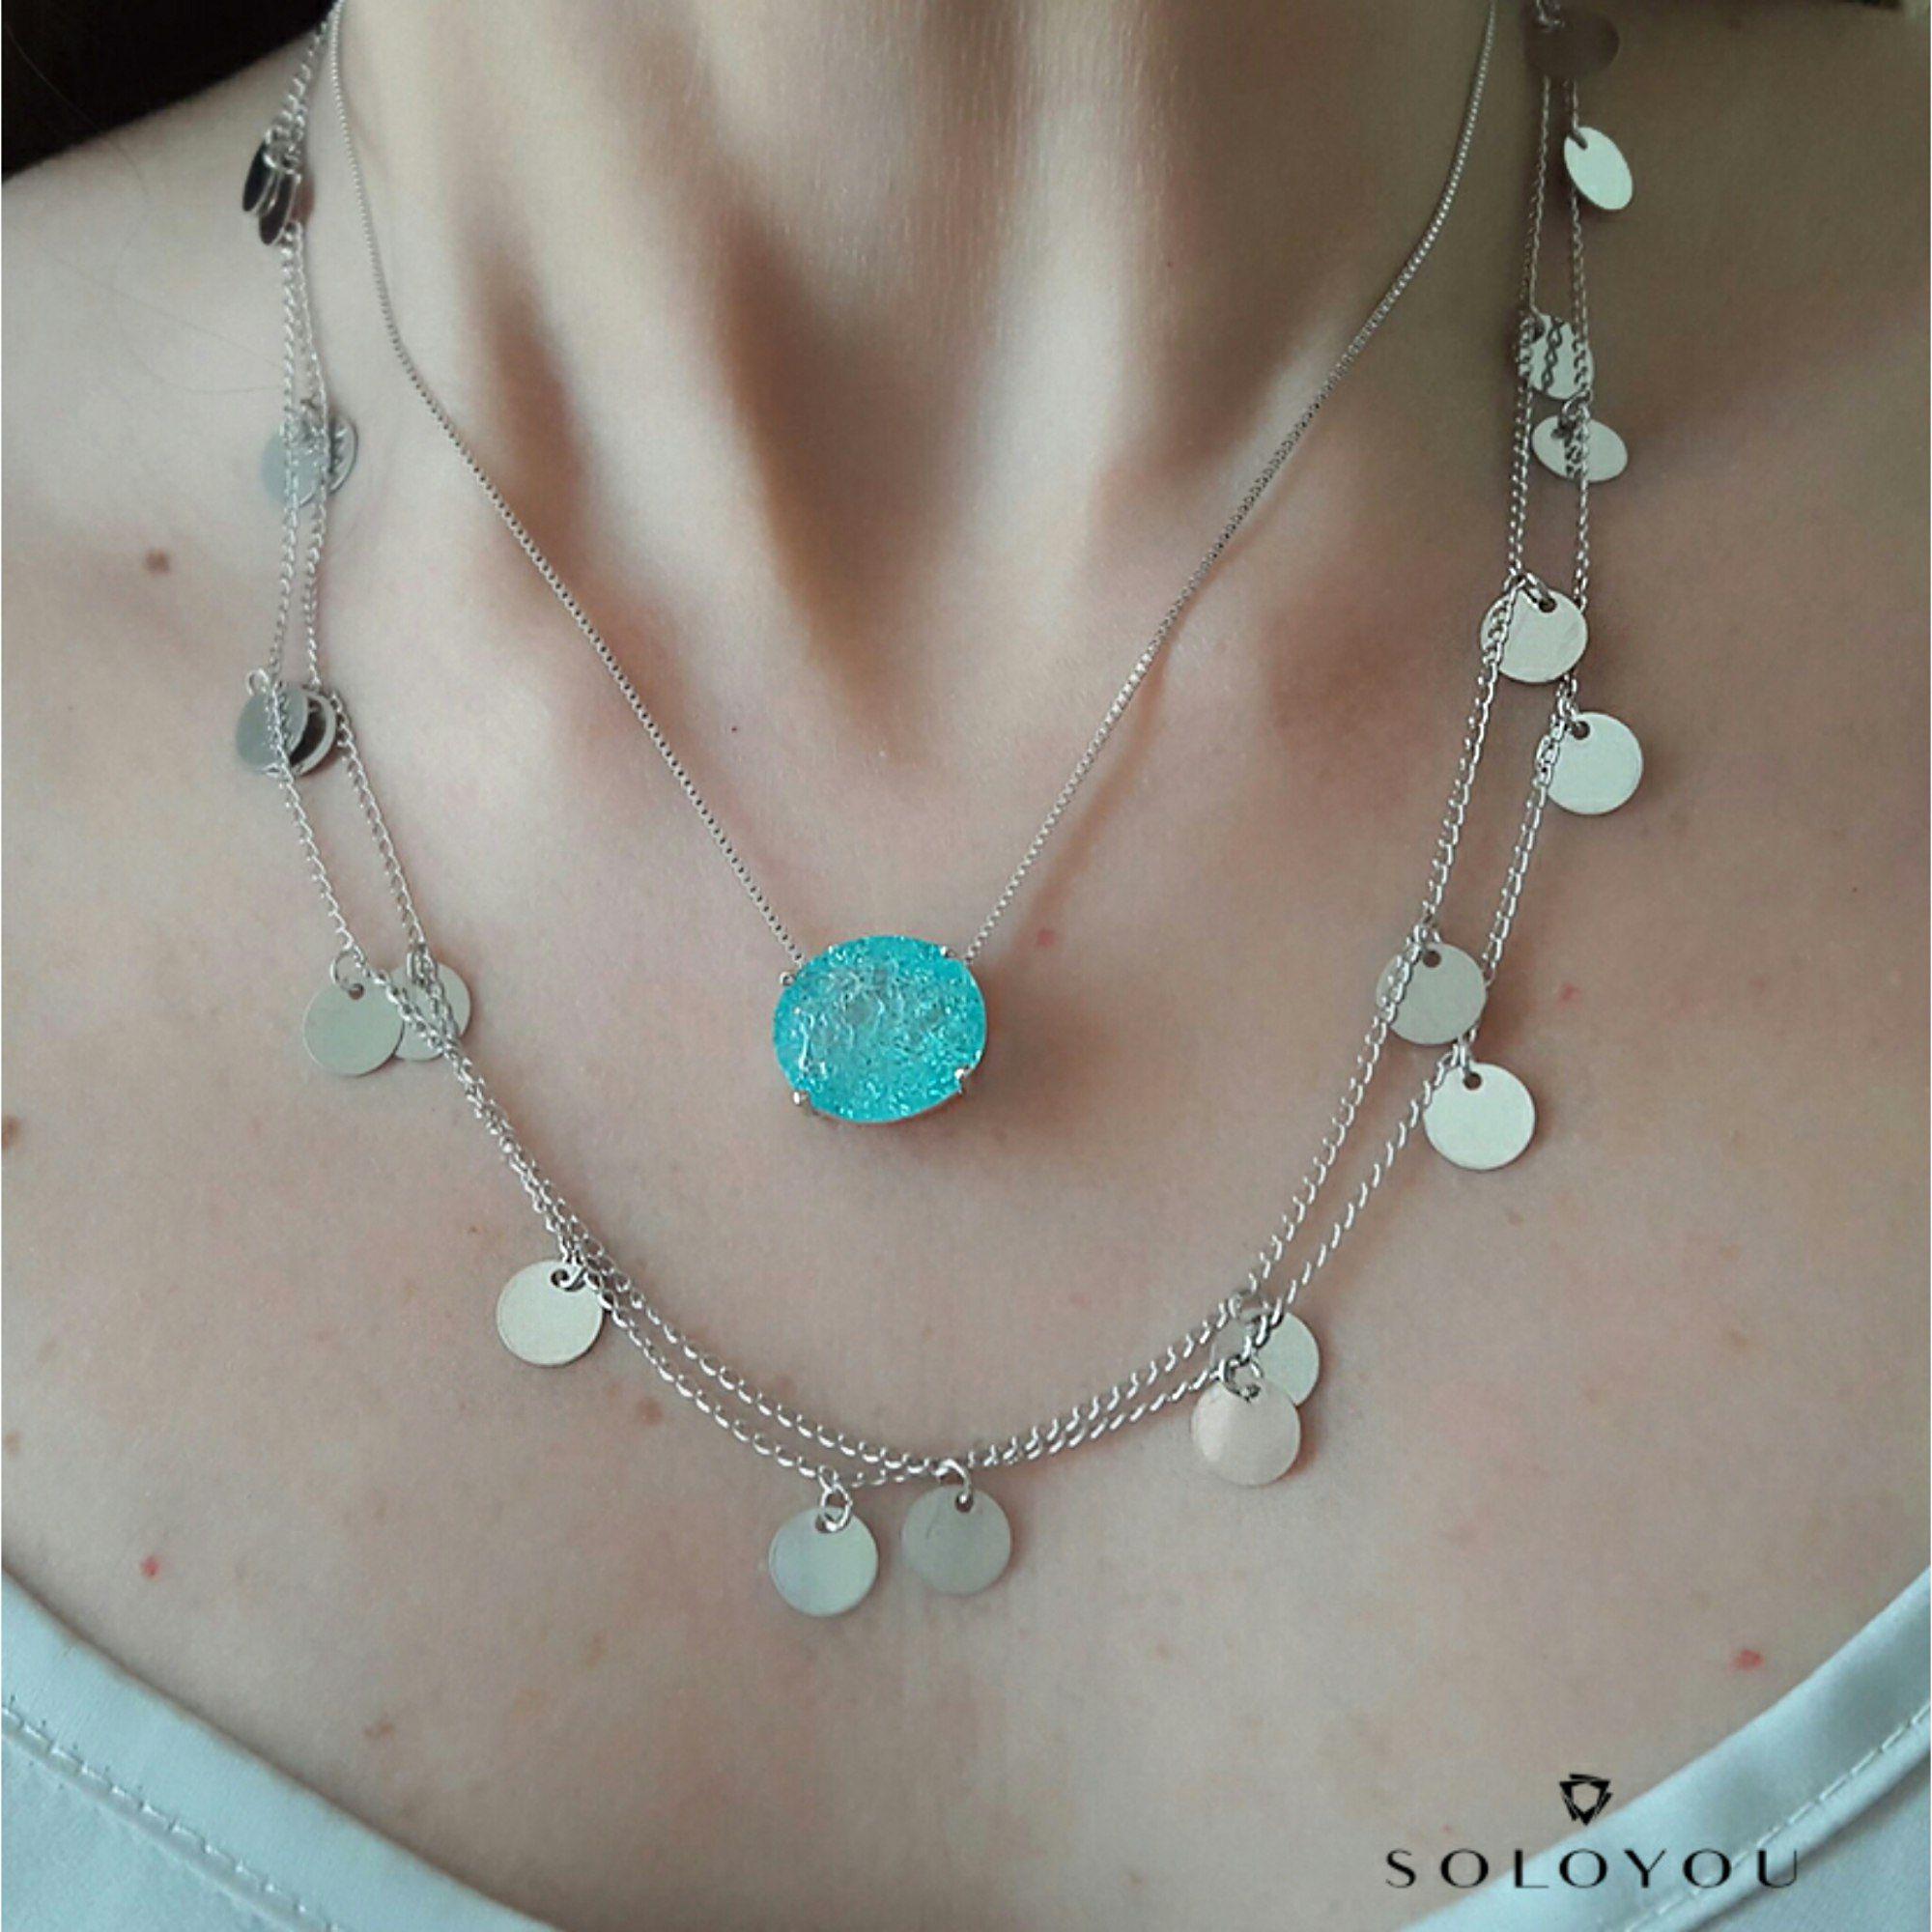 Colar Medalhinhas Redondas Thassia Semijoia da Moda em Ródio Branco  - Soloyou